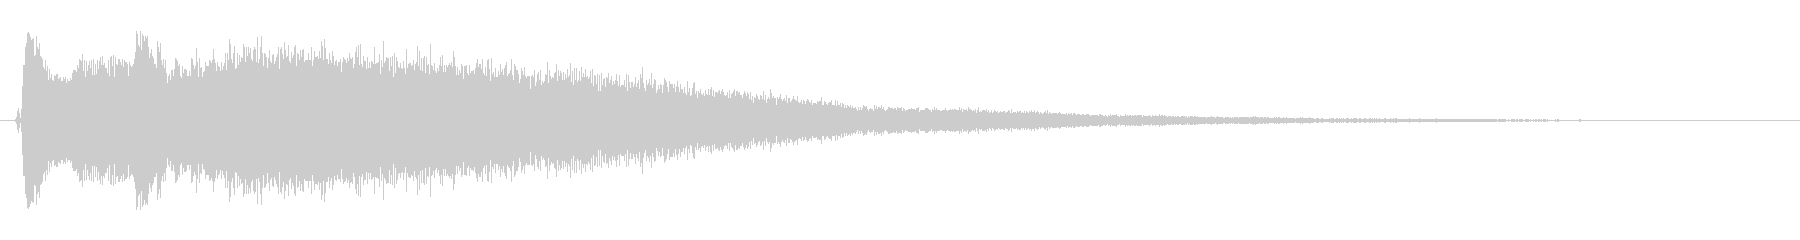 キラーン(キラキラ系)余韻ありの未再生の波形